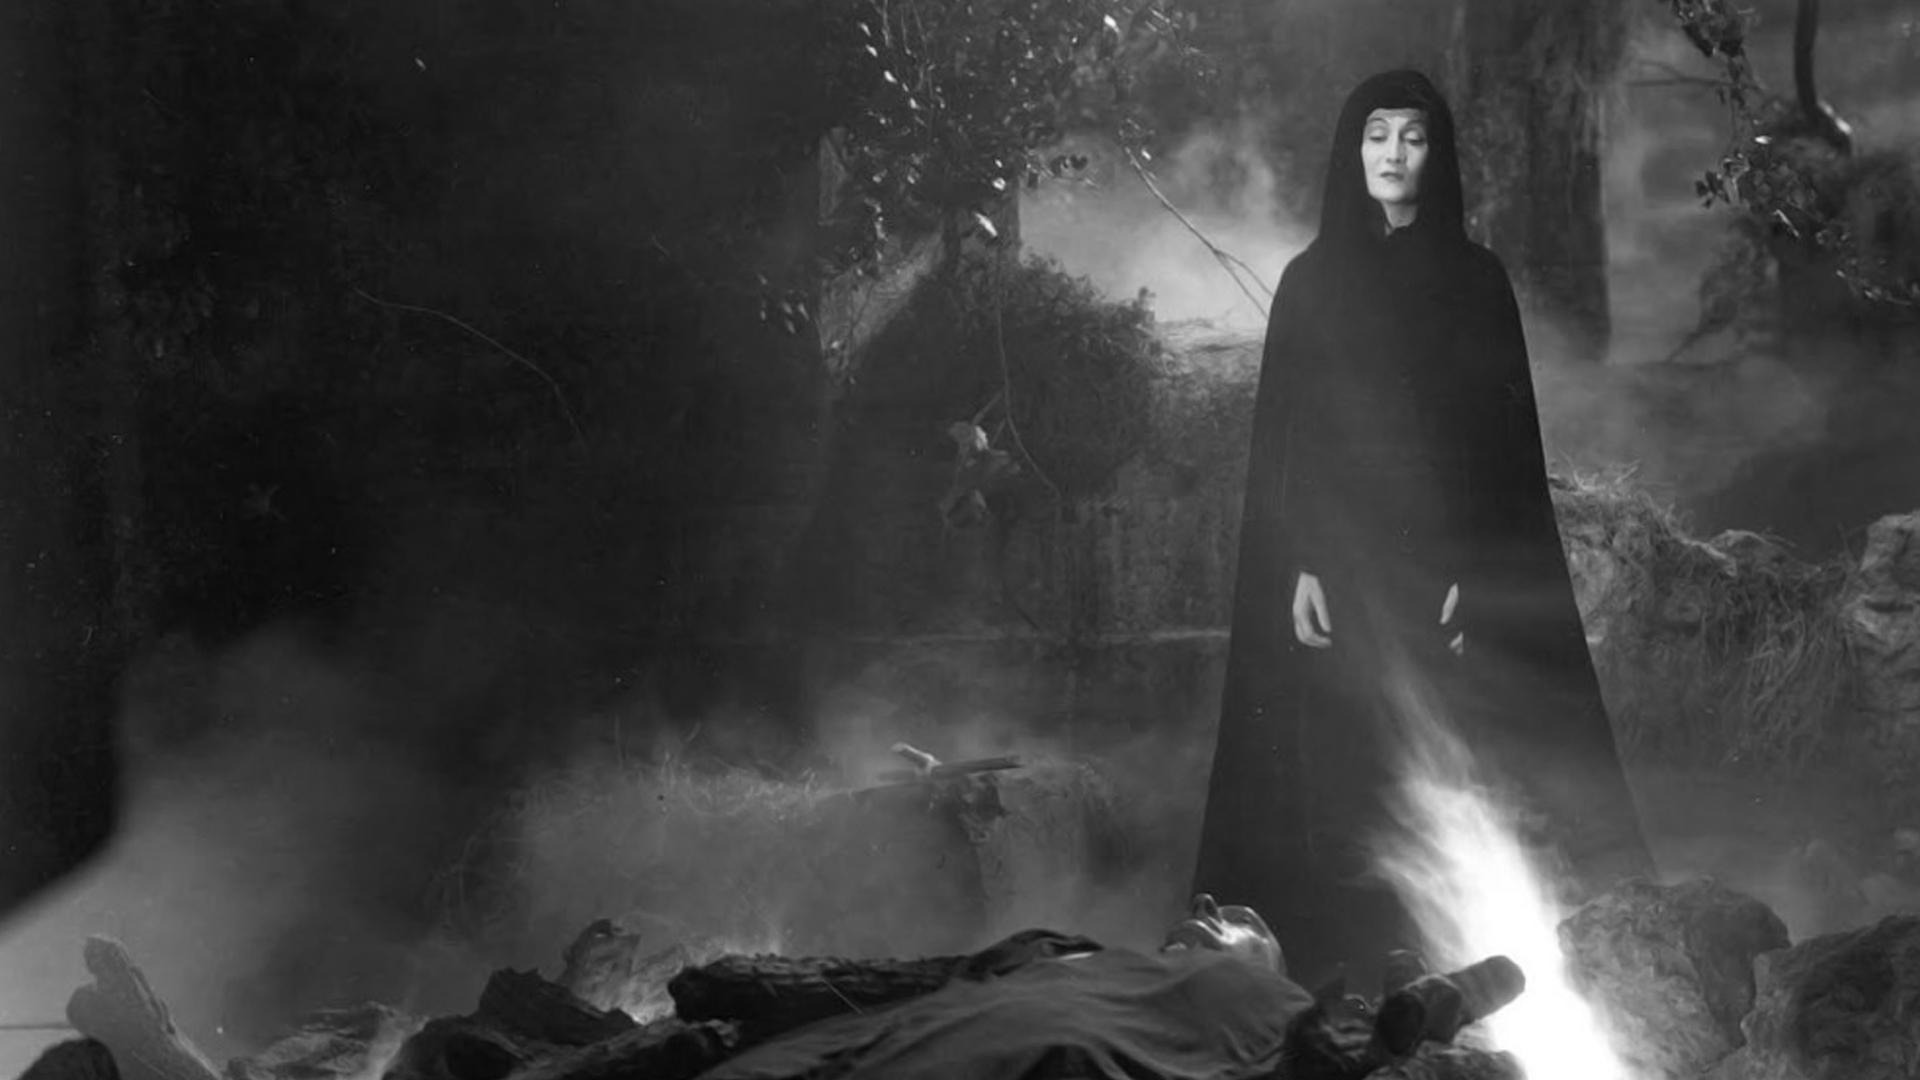 11. Dracula's Daughter